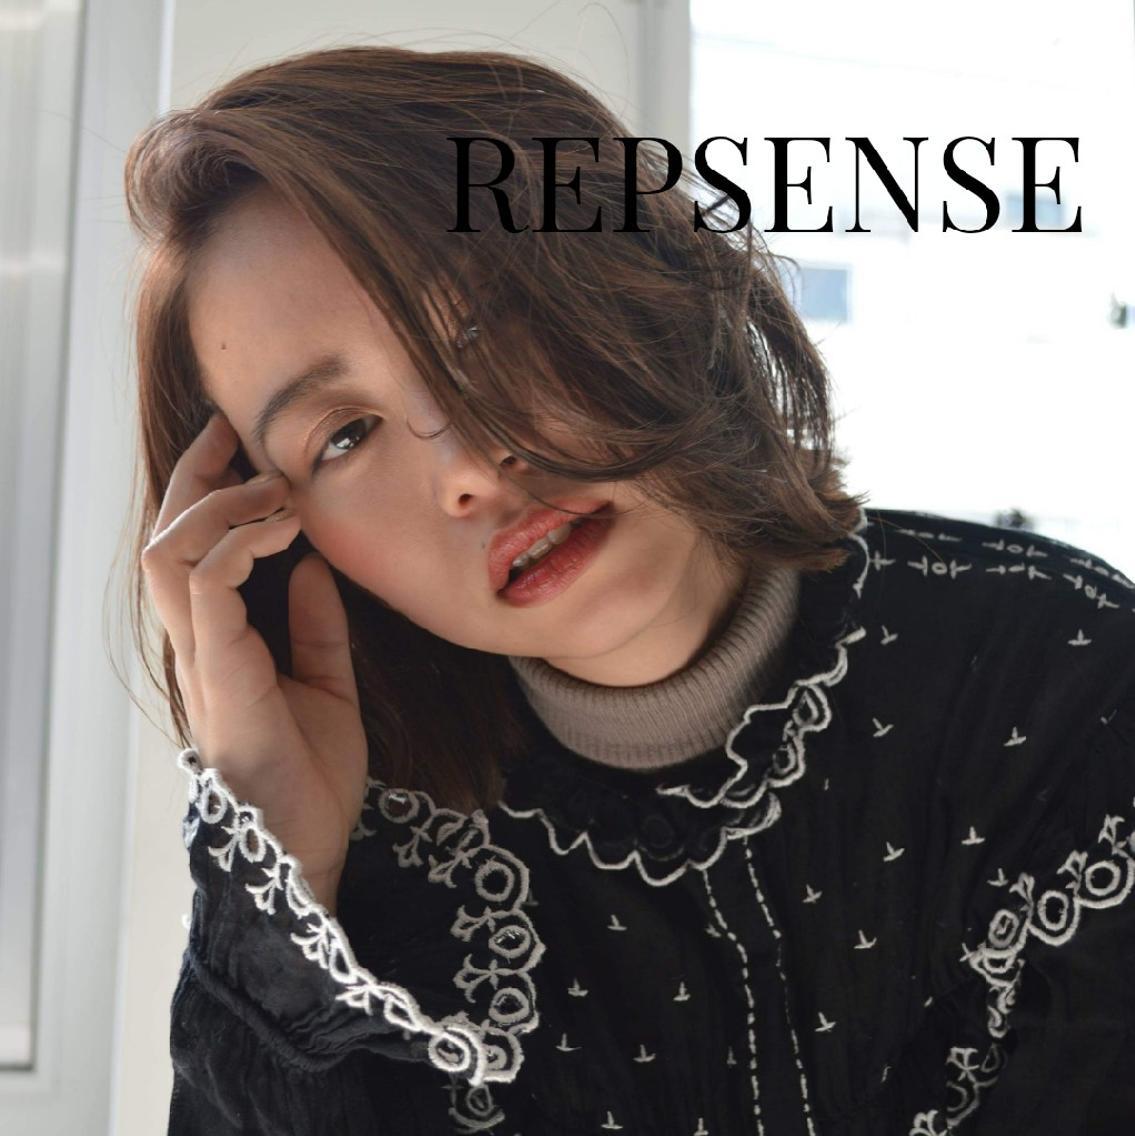 【REPSENSE】レペセンス所属・稲澤奈美の掲載